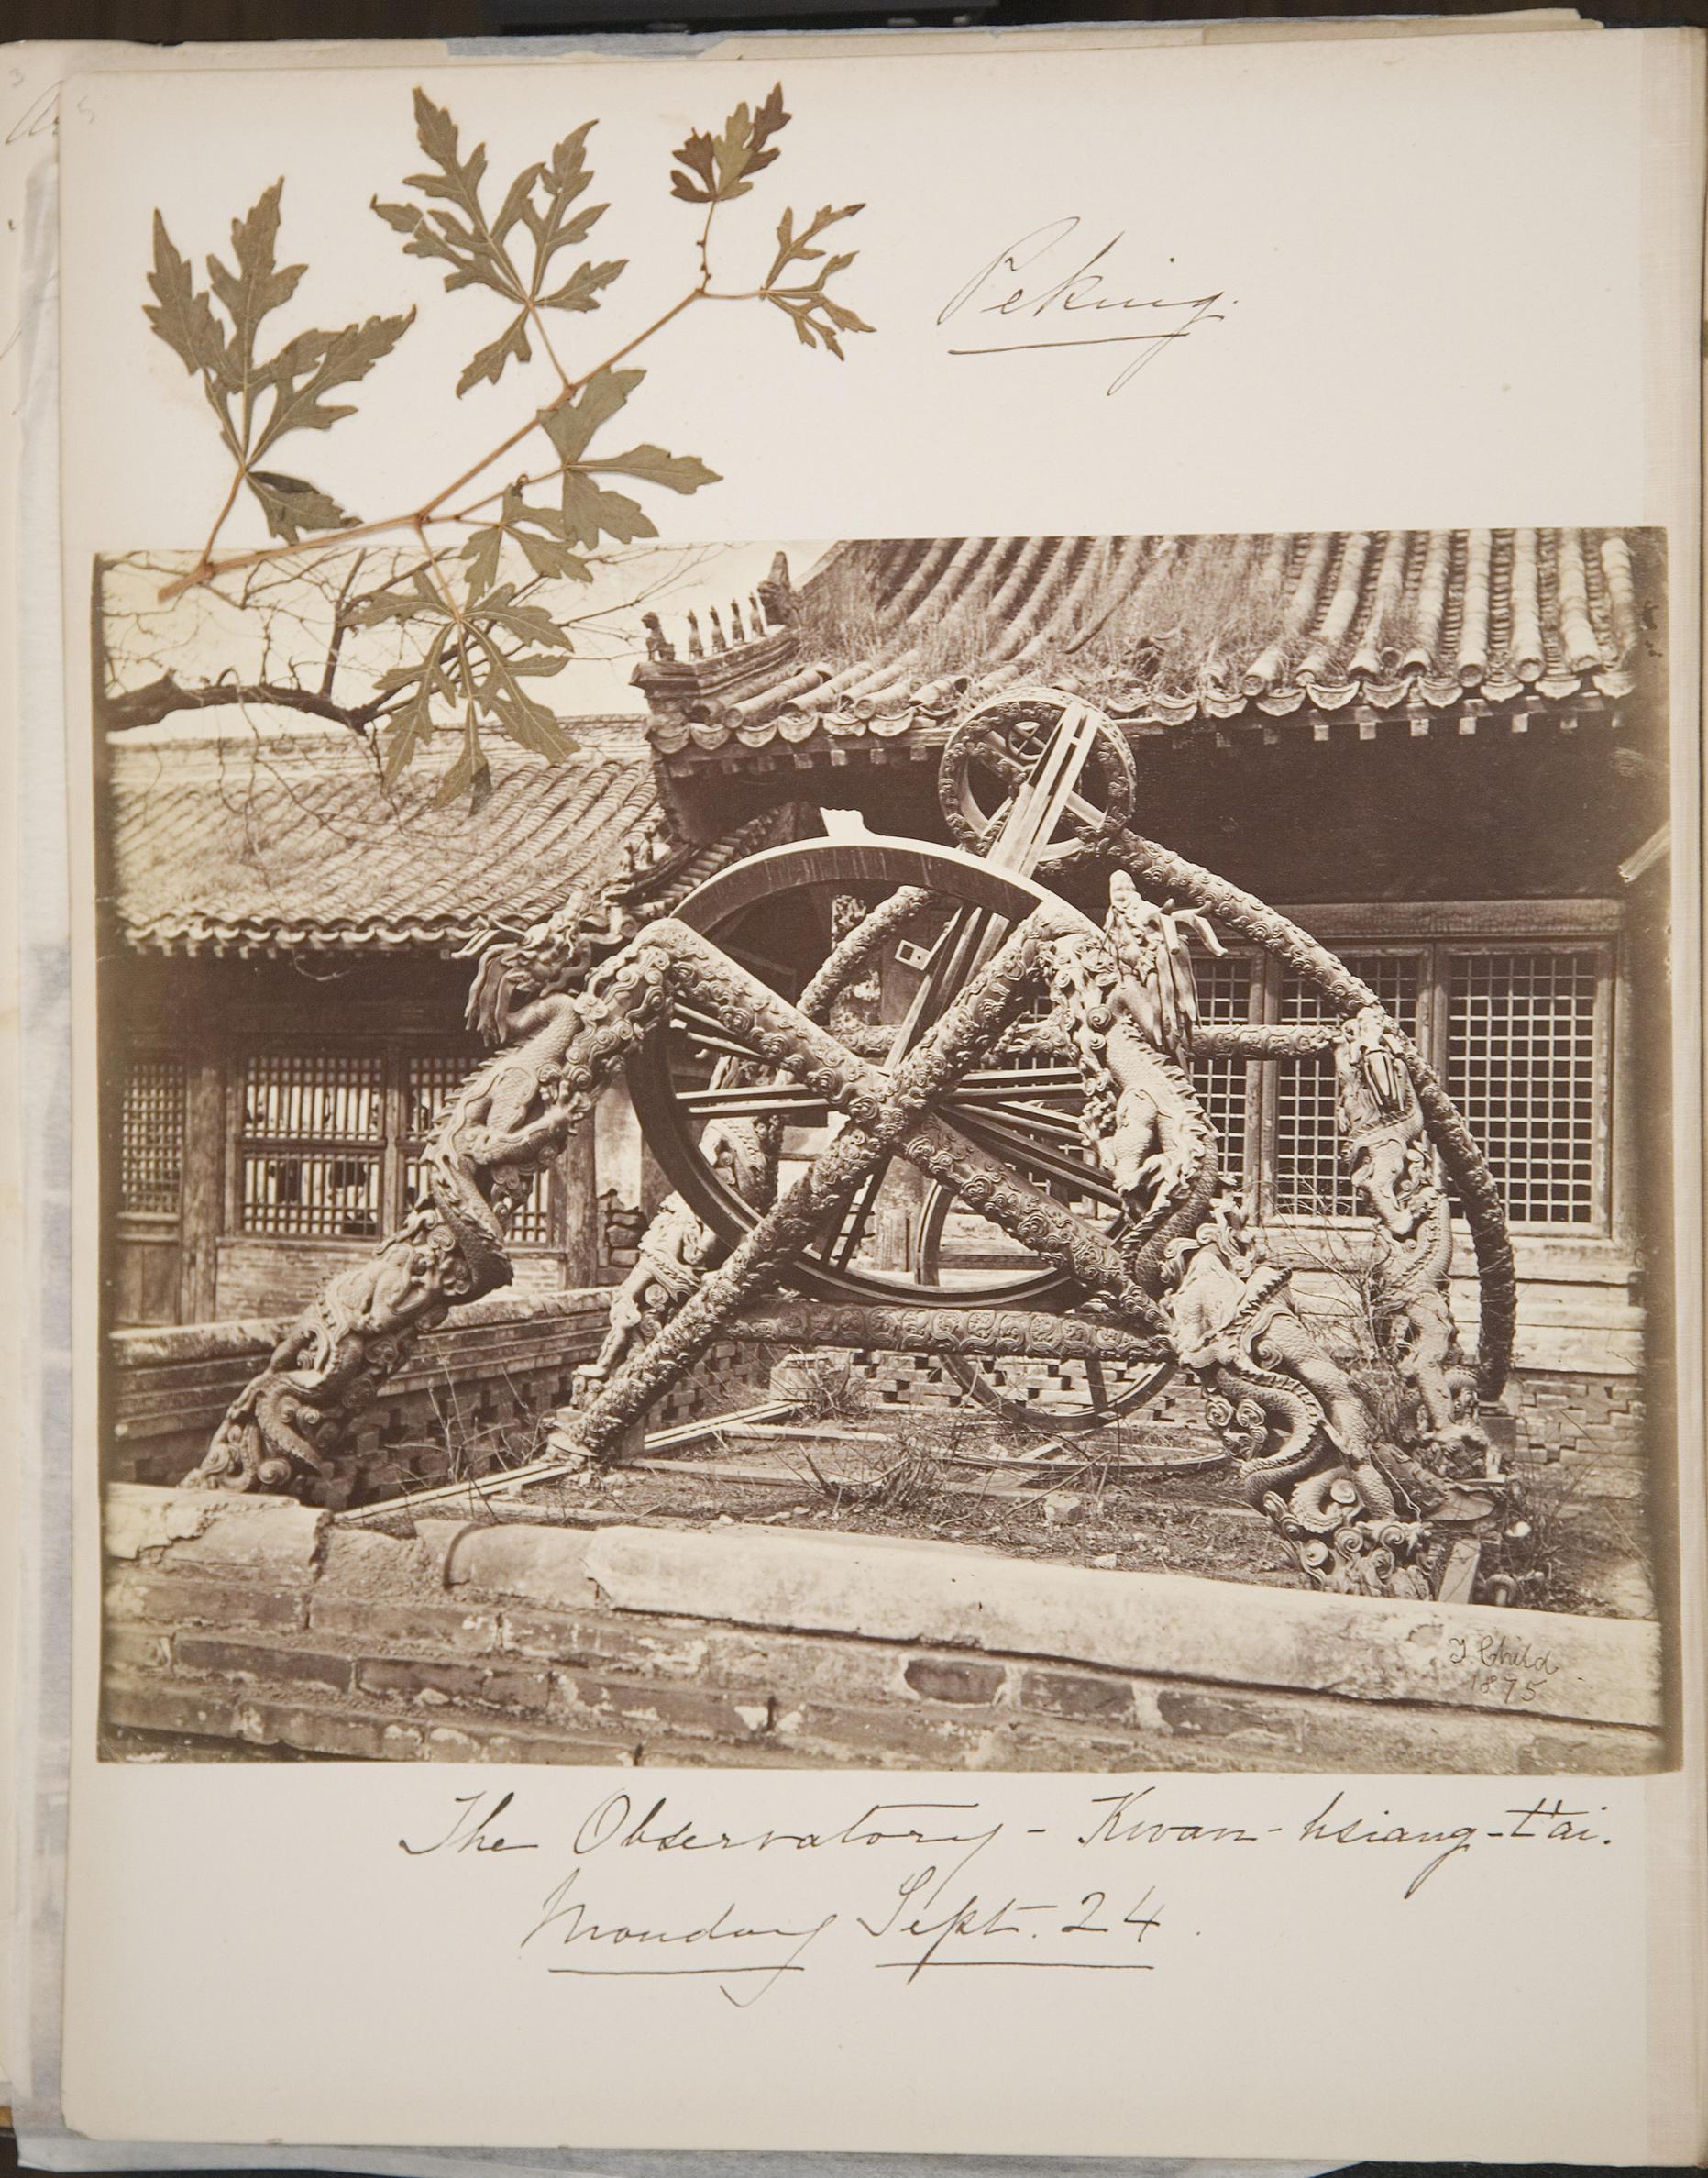 Isabella Stewart Gardner (American, 1840–1924), Travel Album: China, 1883, page 5